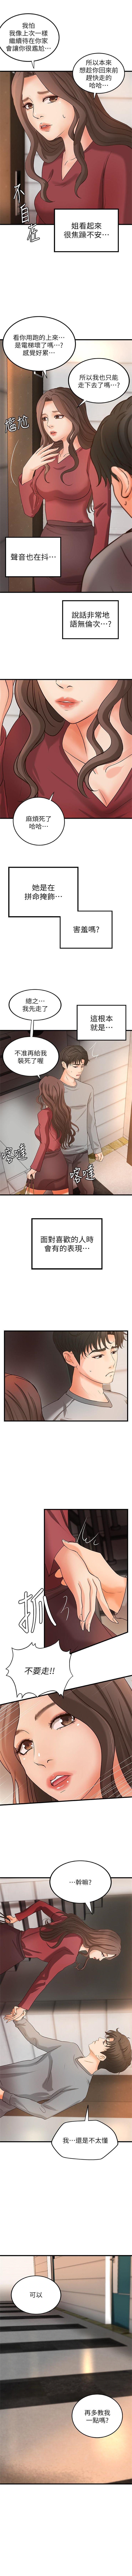 御姐的實戰教學 1-24 官方中文(連載中) 146